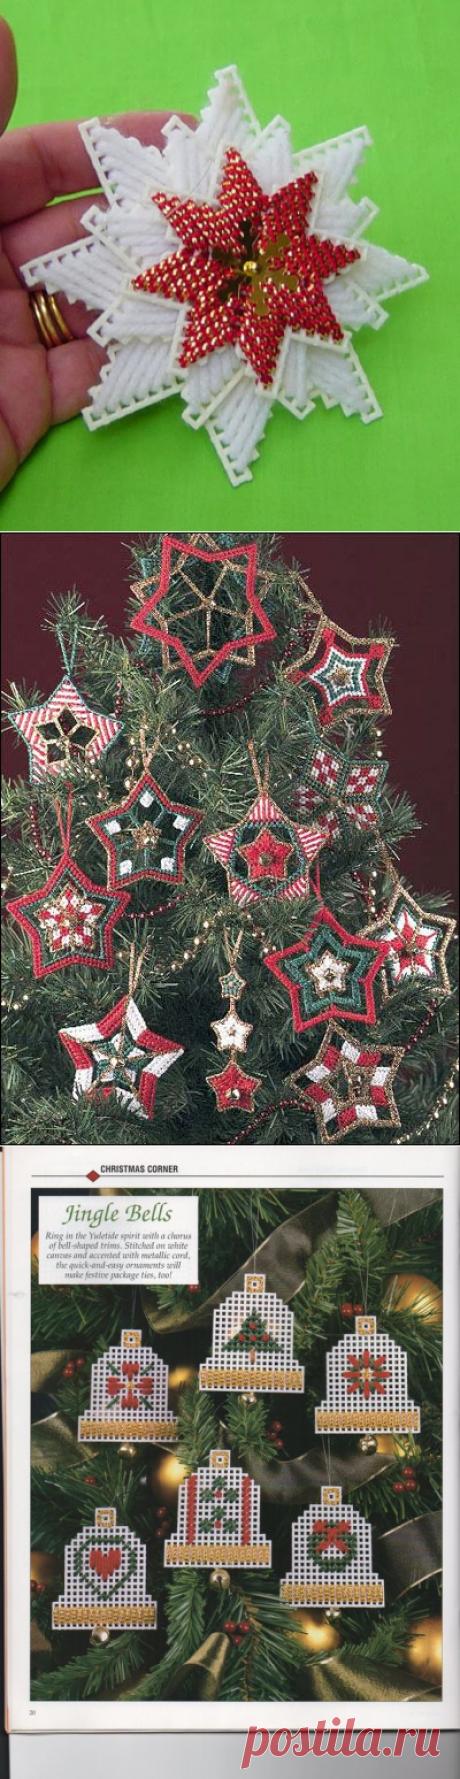 Новогодние звёзды из пластиковой канвы